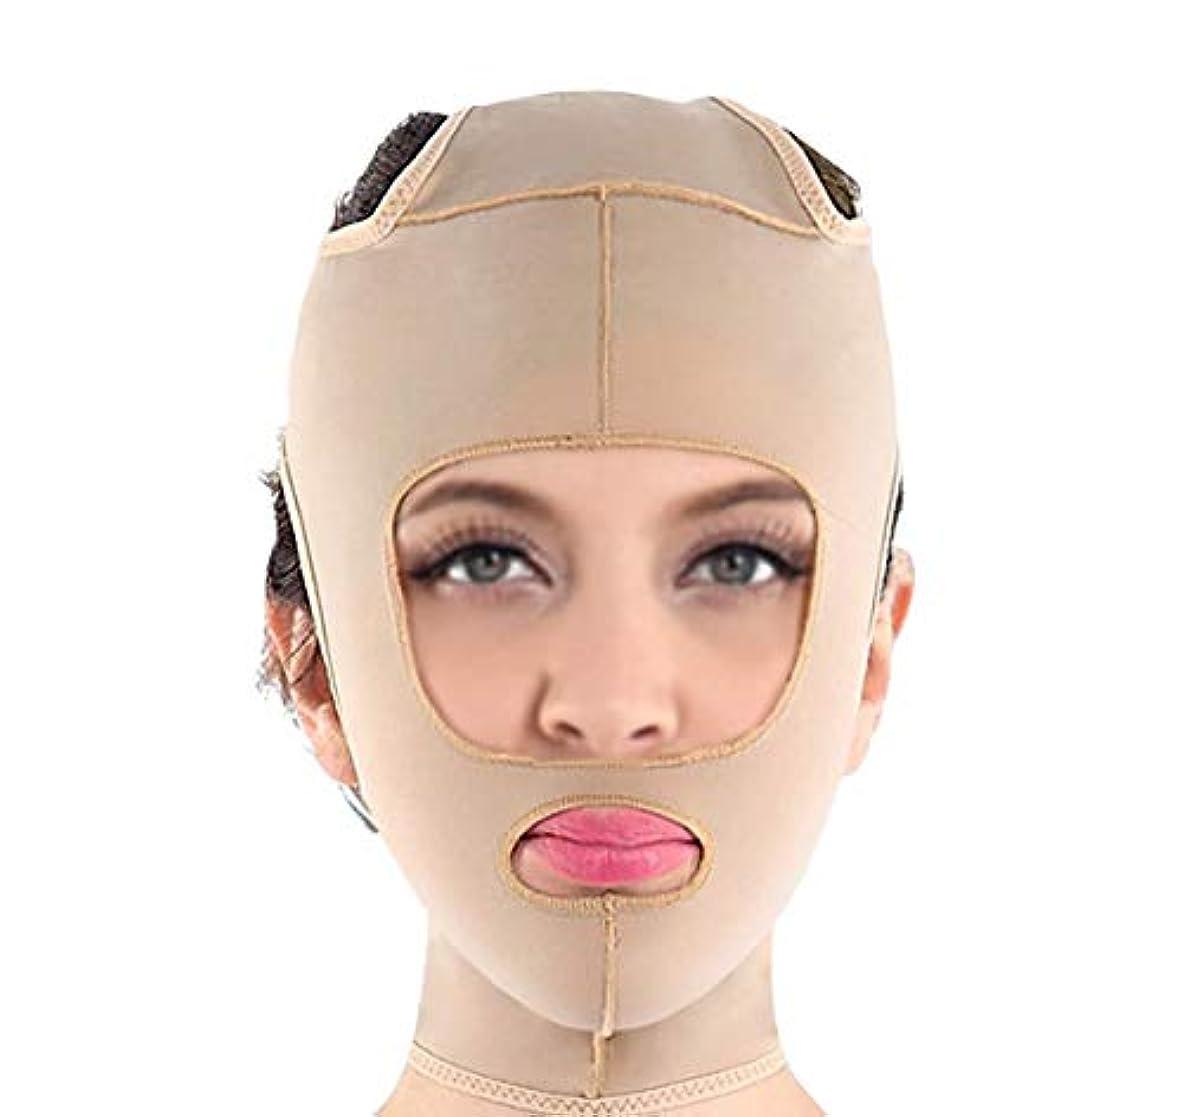 スリル責め人事フェイスリフティングマスクで肌をよりしっかりと保ち、V字型の顔を形作り、超薄型の通気性、調節可能で快適な着用感(サイズ:Xl),S